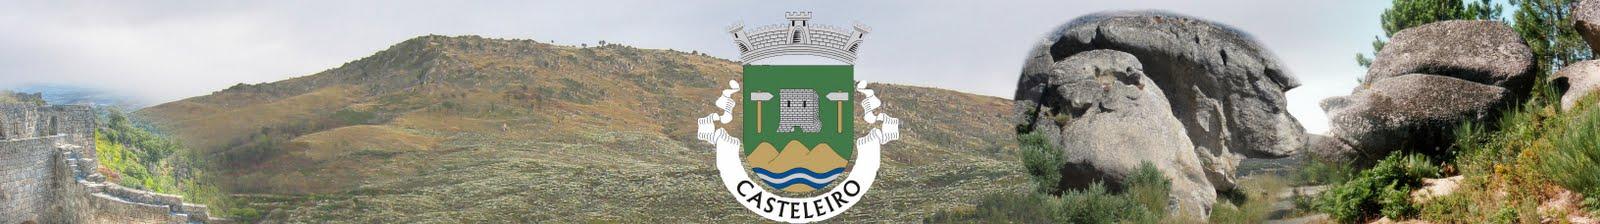 Casteleiro